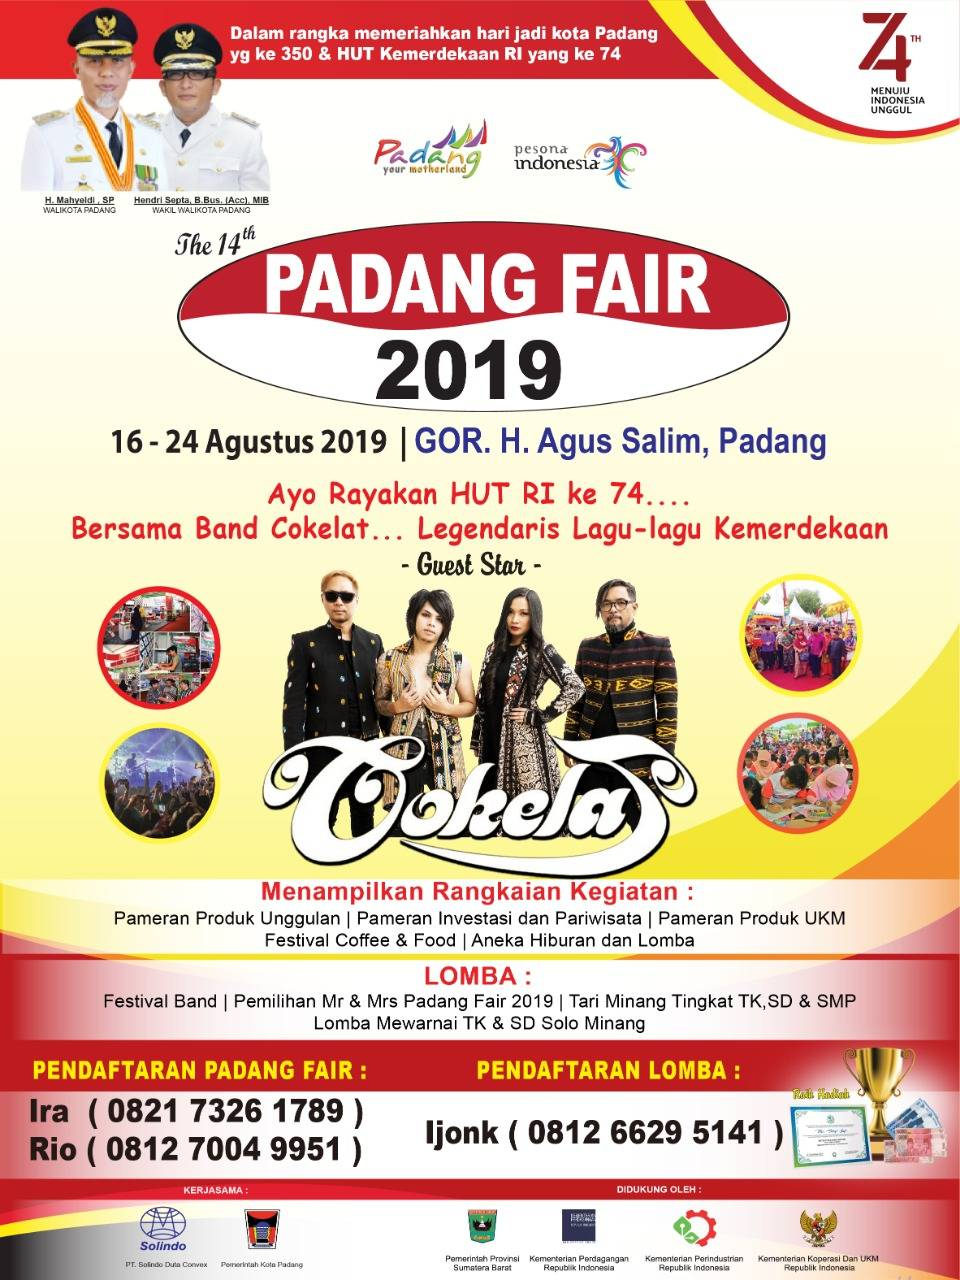 Pemko Kembali Selenggarakan Pameran Padang Fair 2019